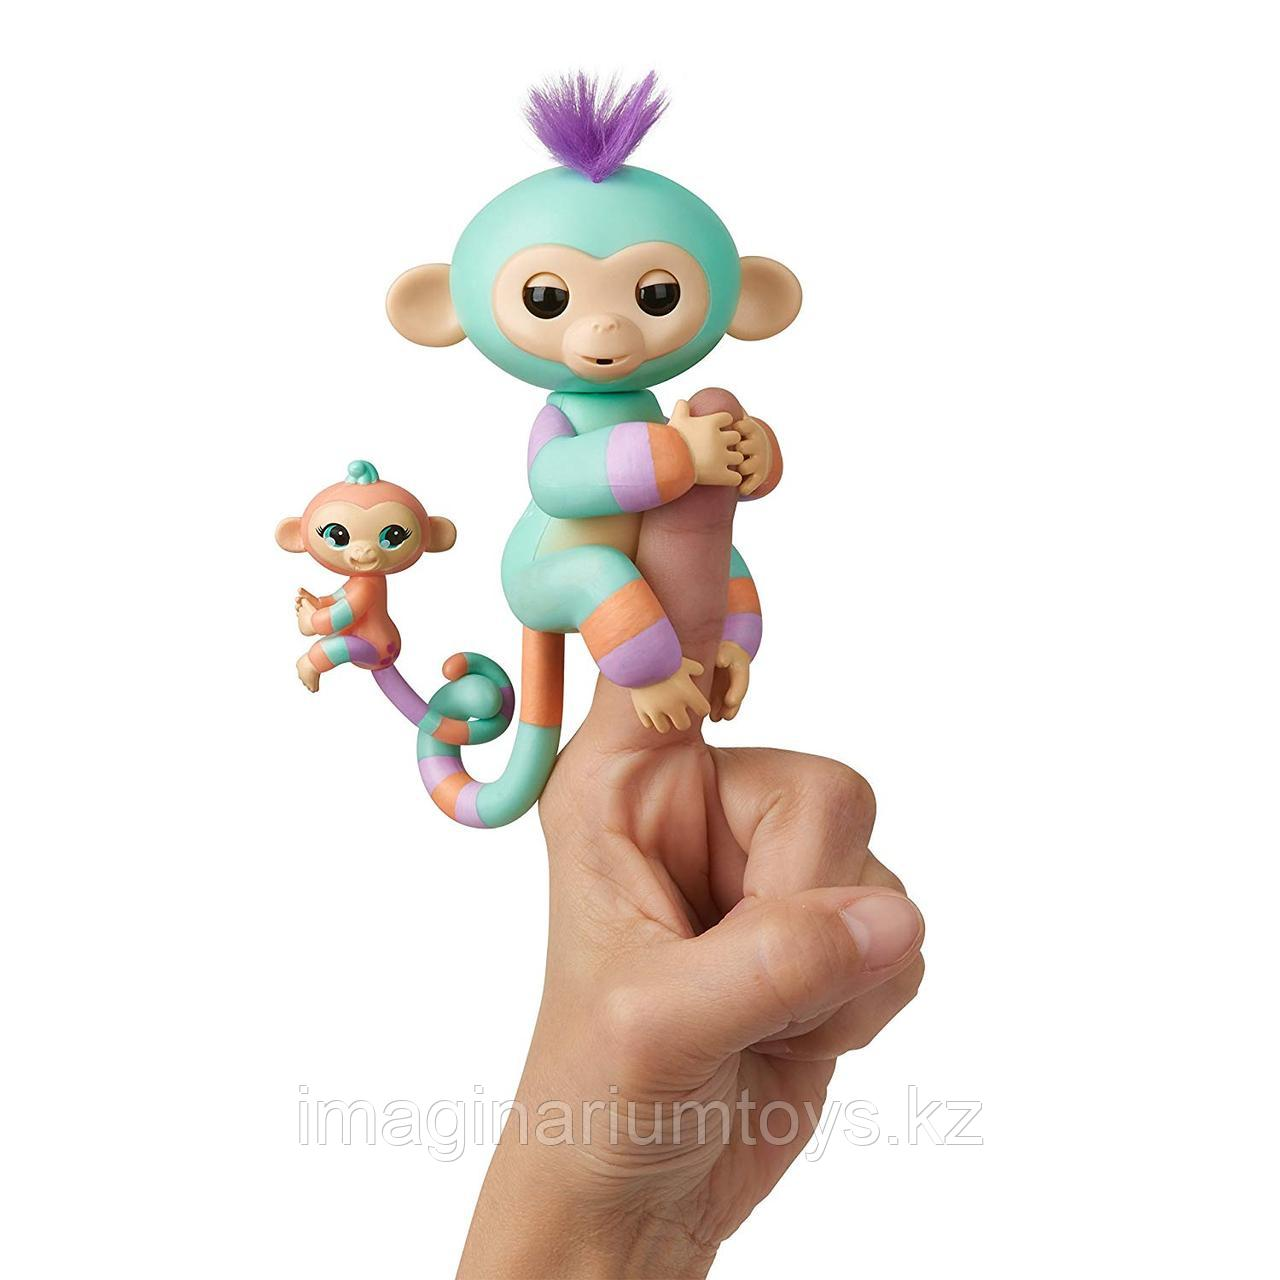 Интерактивные обезьянки Fingerlings Данни и Жанна